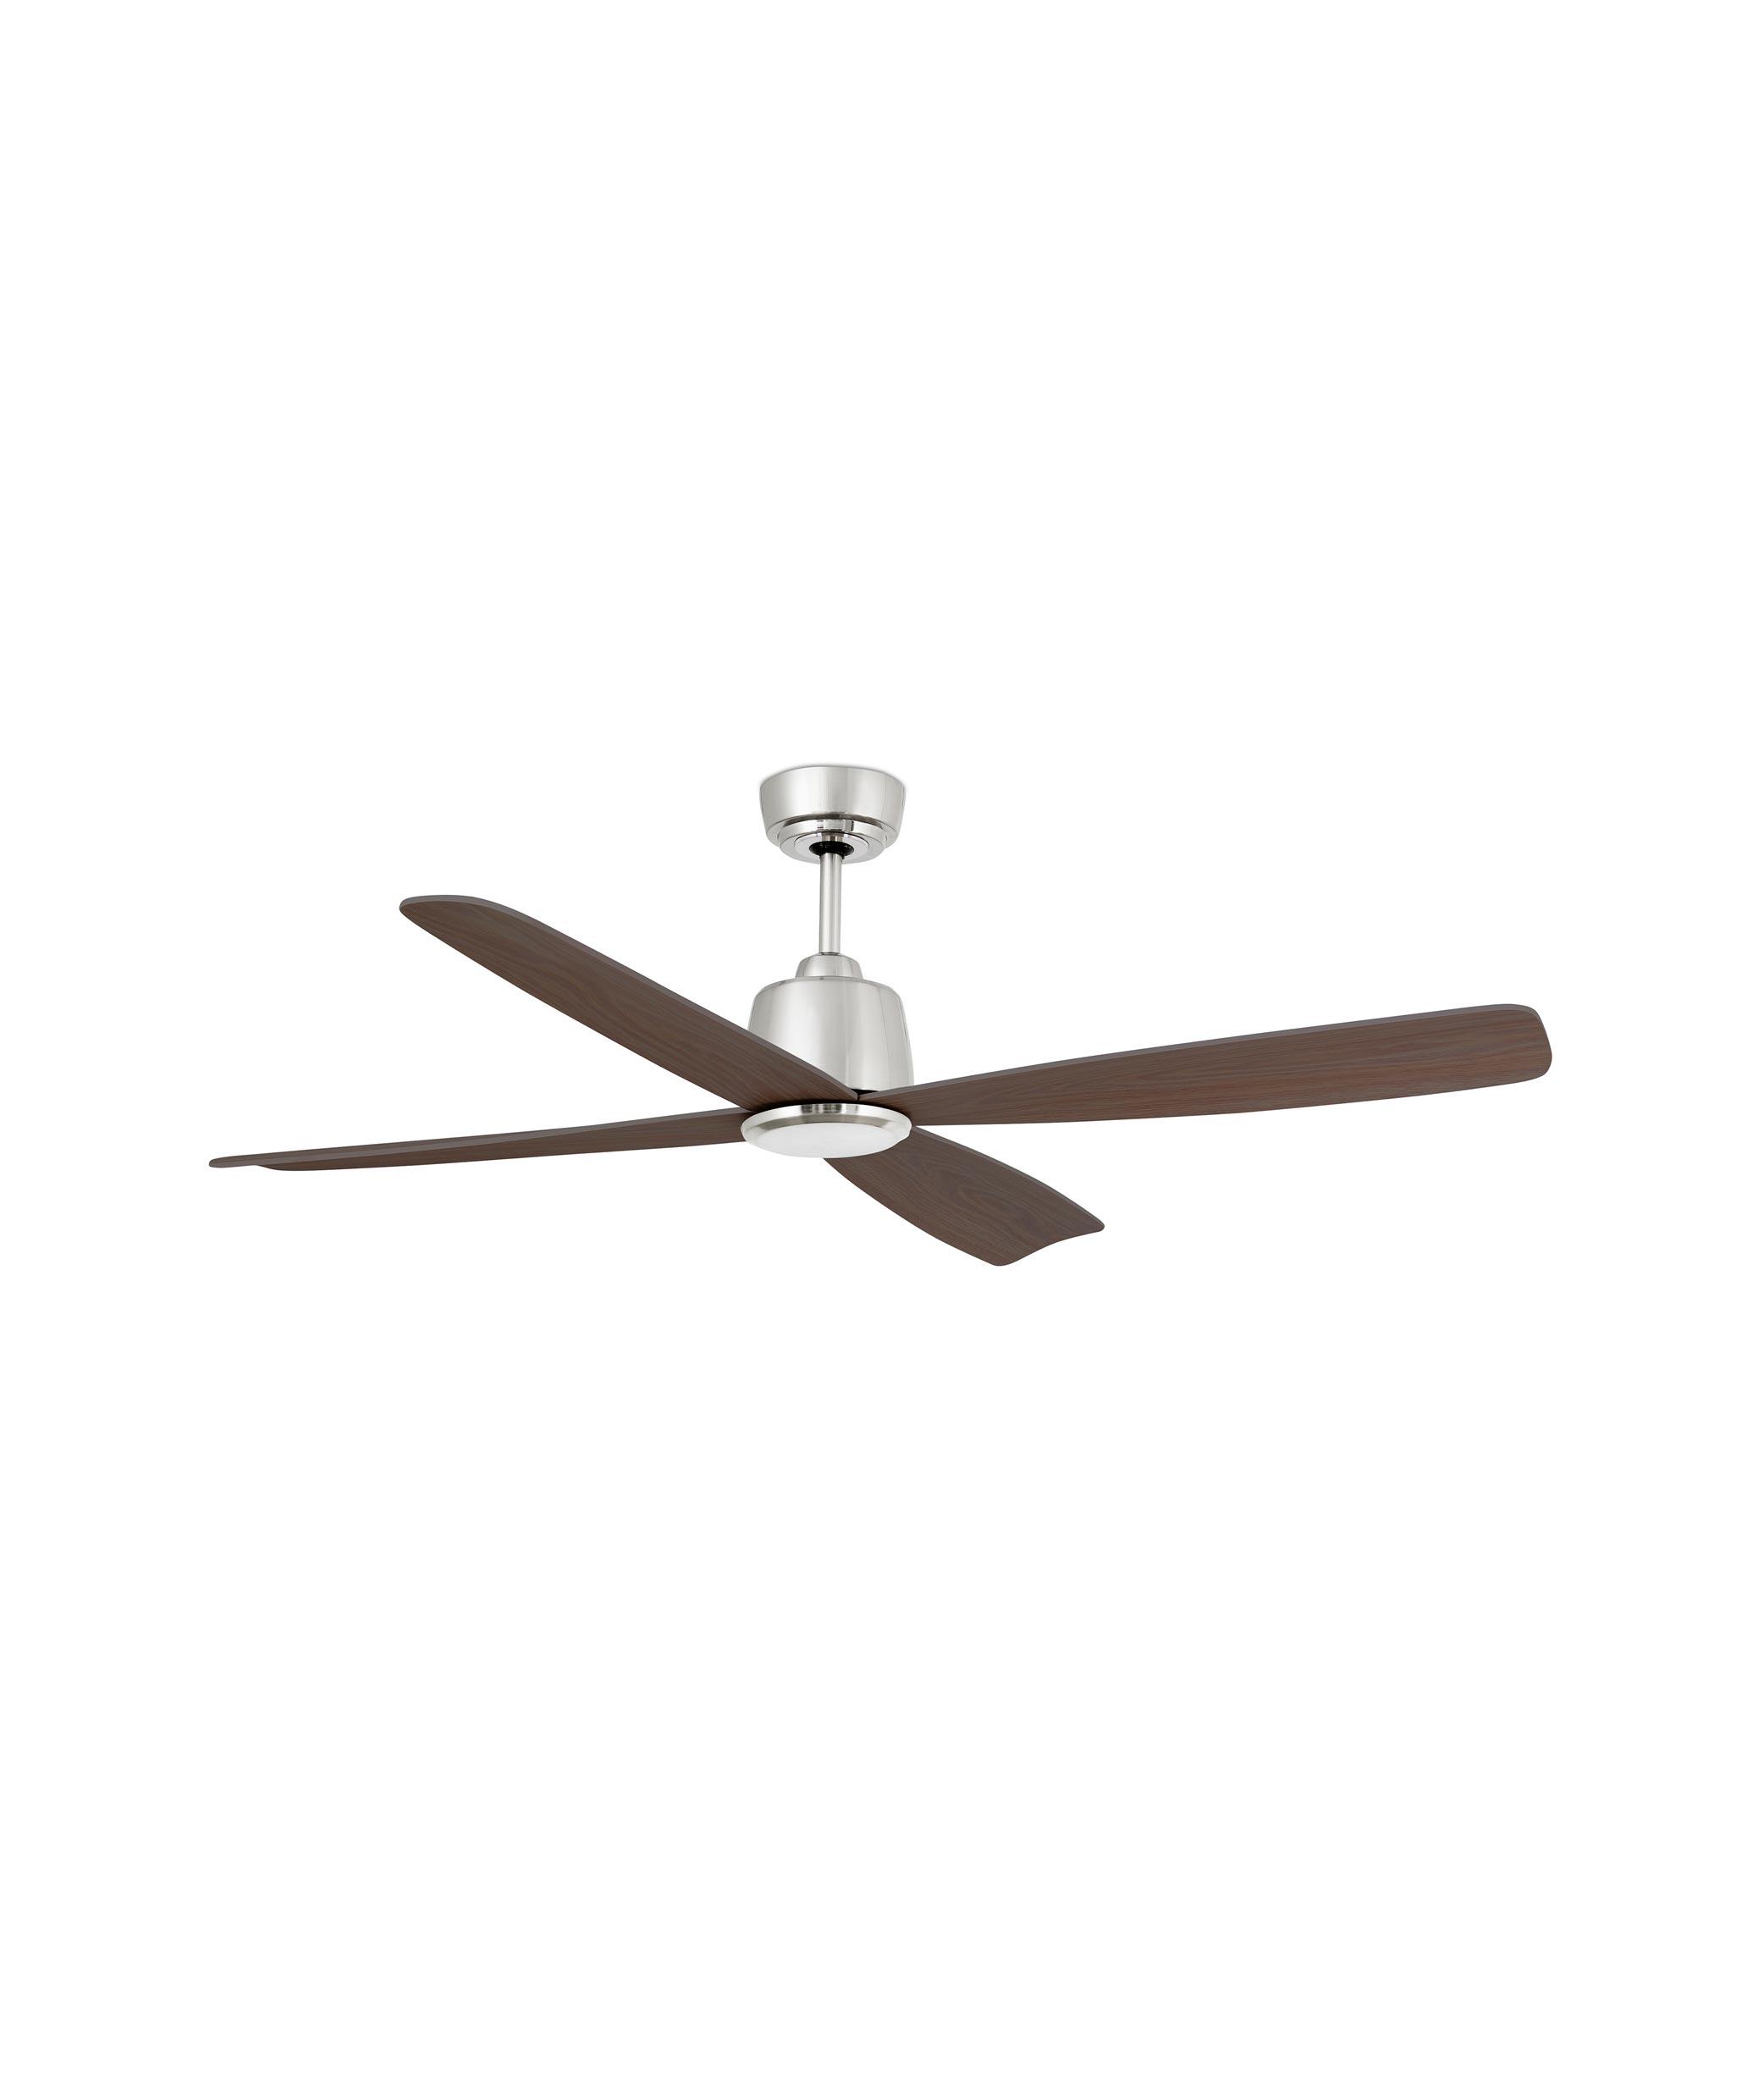 Ventilador de techo n quel molokai la casa de la l mpara - Lamparas de techo con ventilador ...